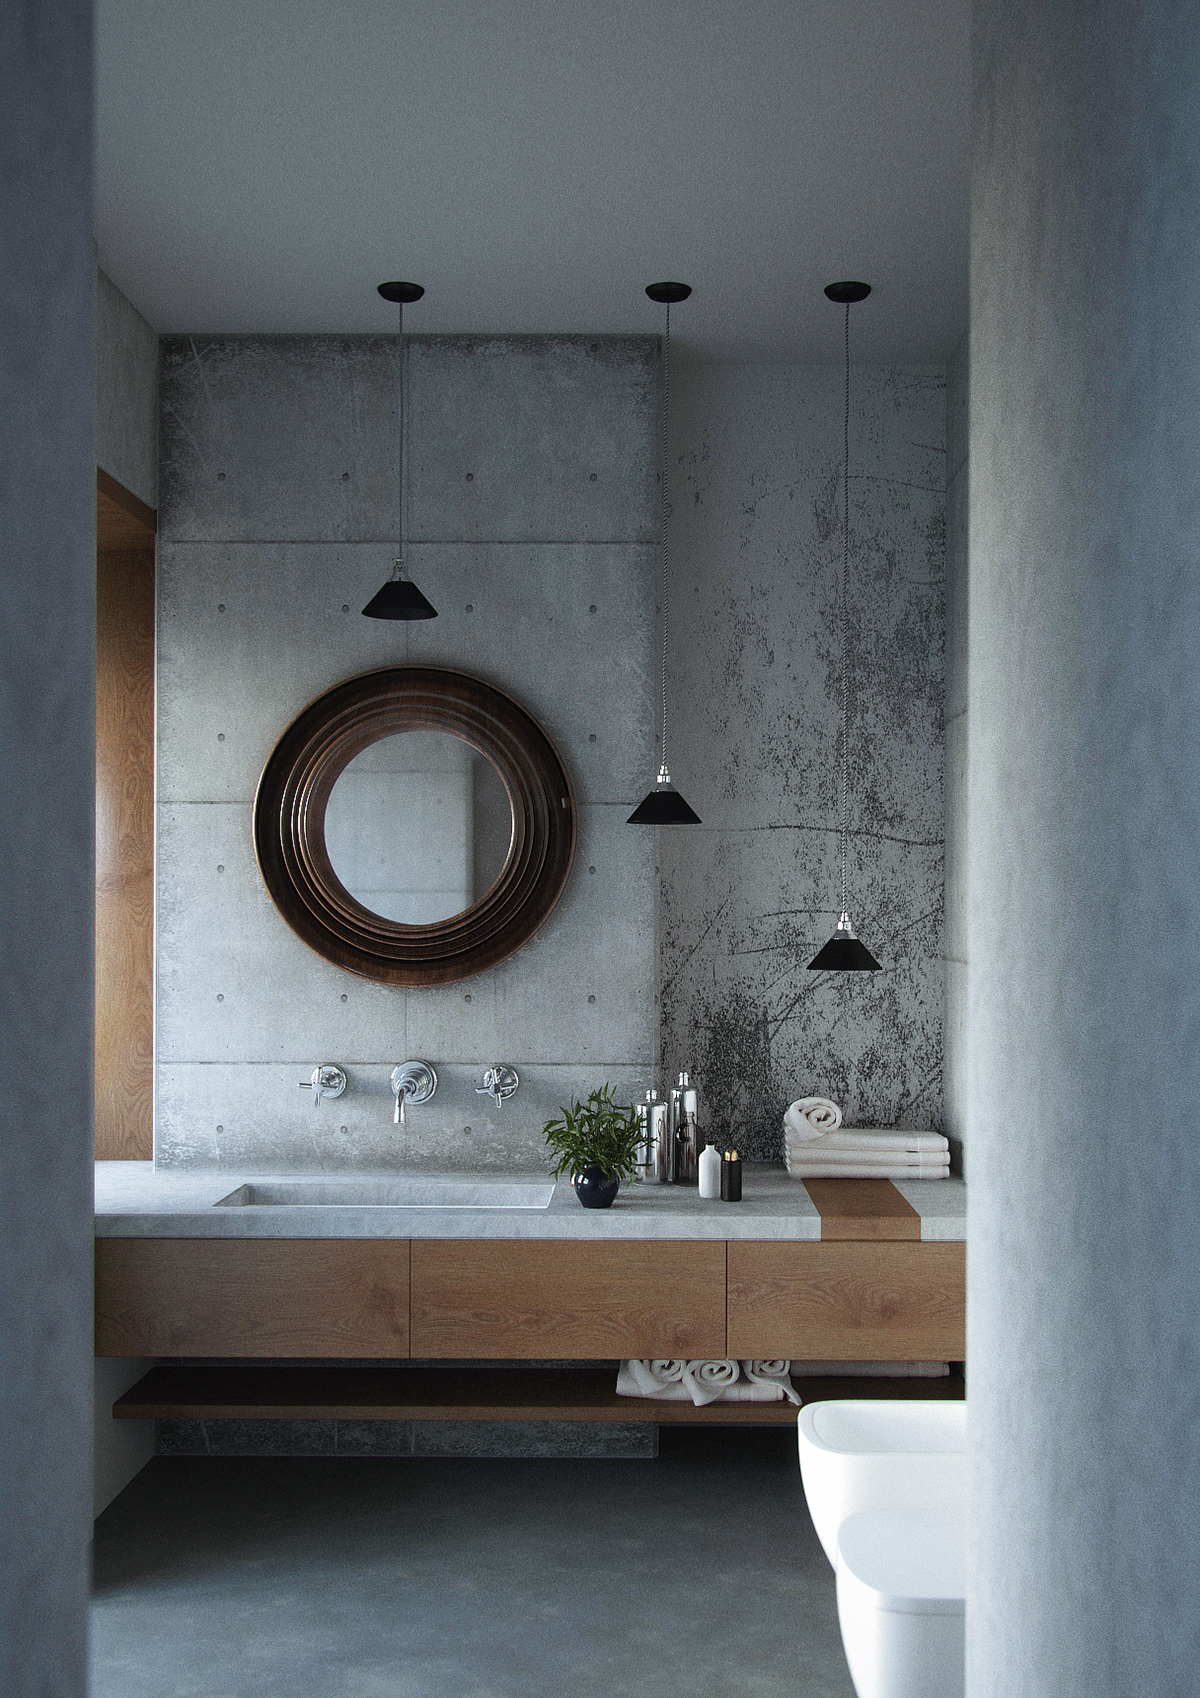 concrete bathroom interior on behance